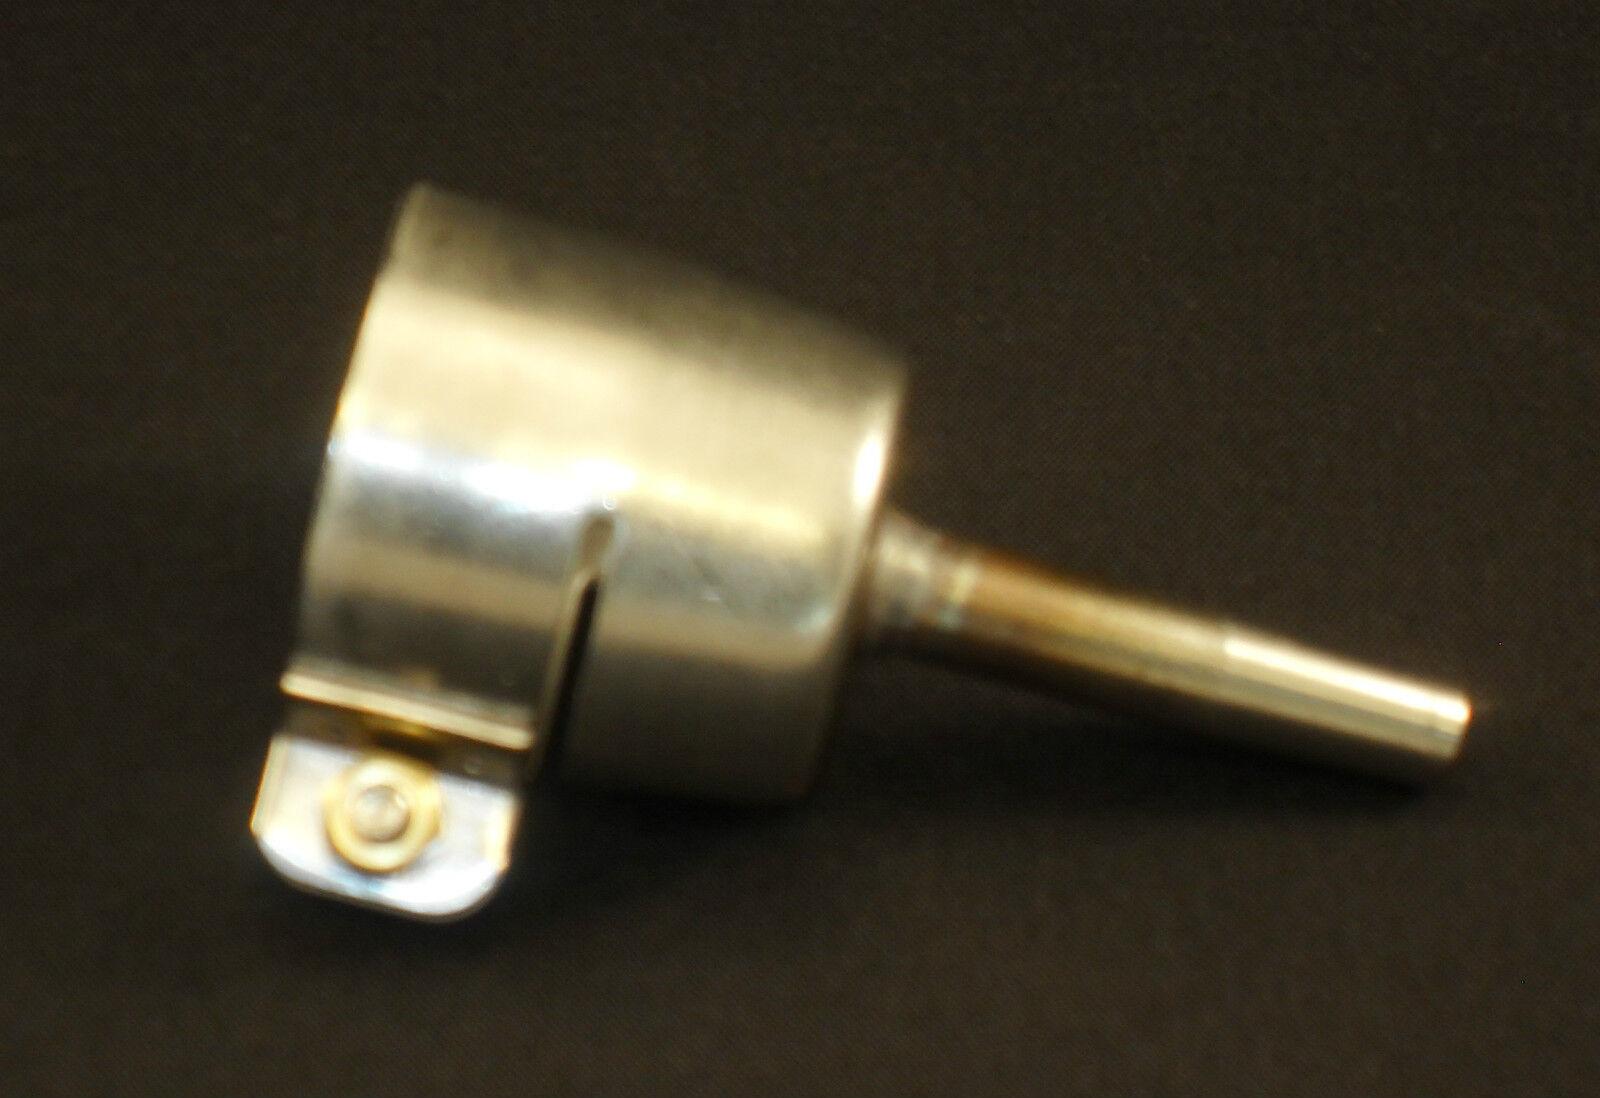 LEISTER Rohrdüse 5,0 mm Düse, Ø 32mm für Triac S/ AT Heißluftgerät, NEU